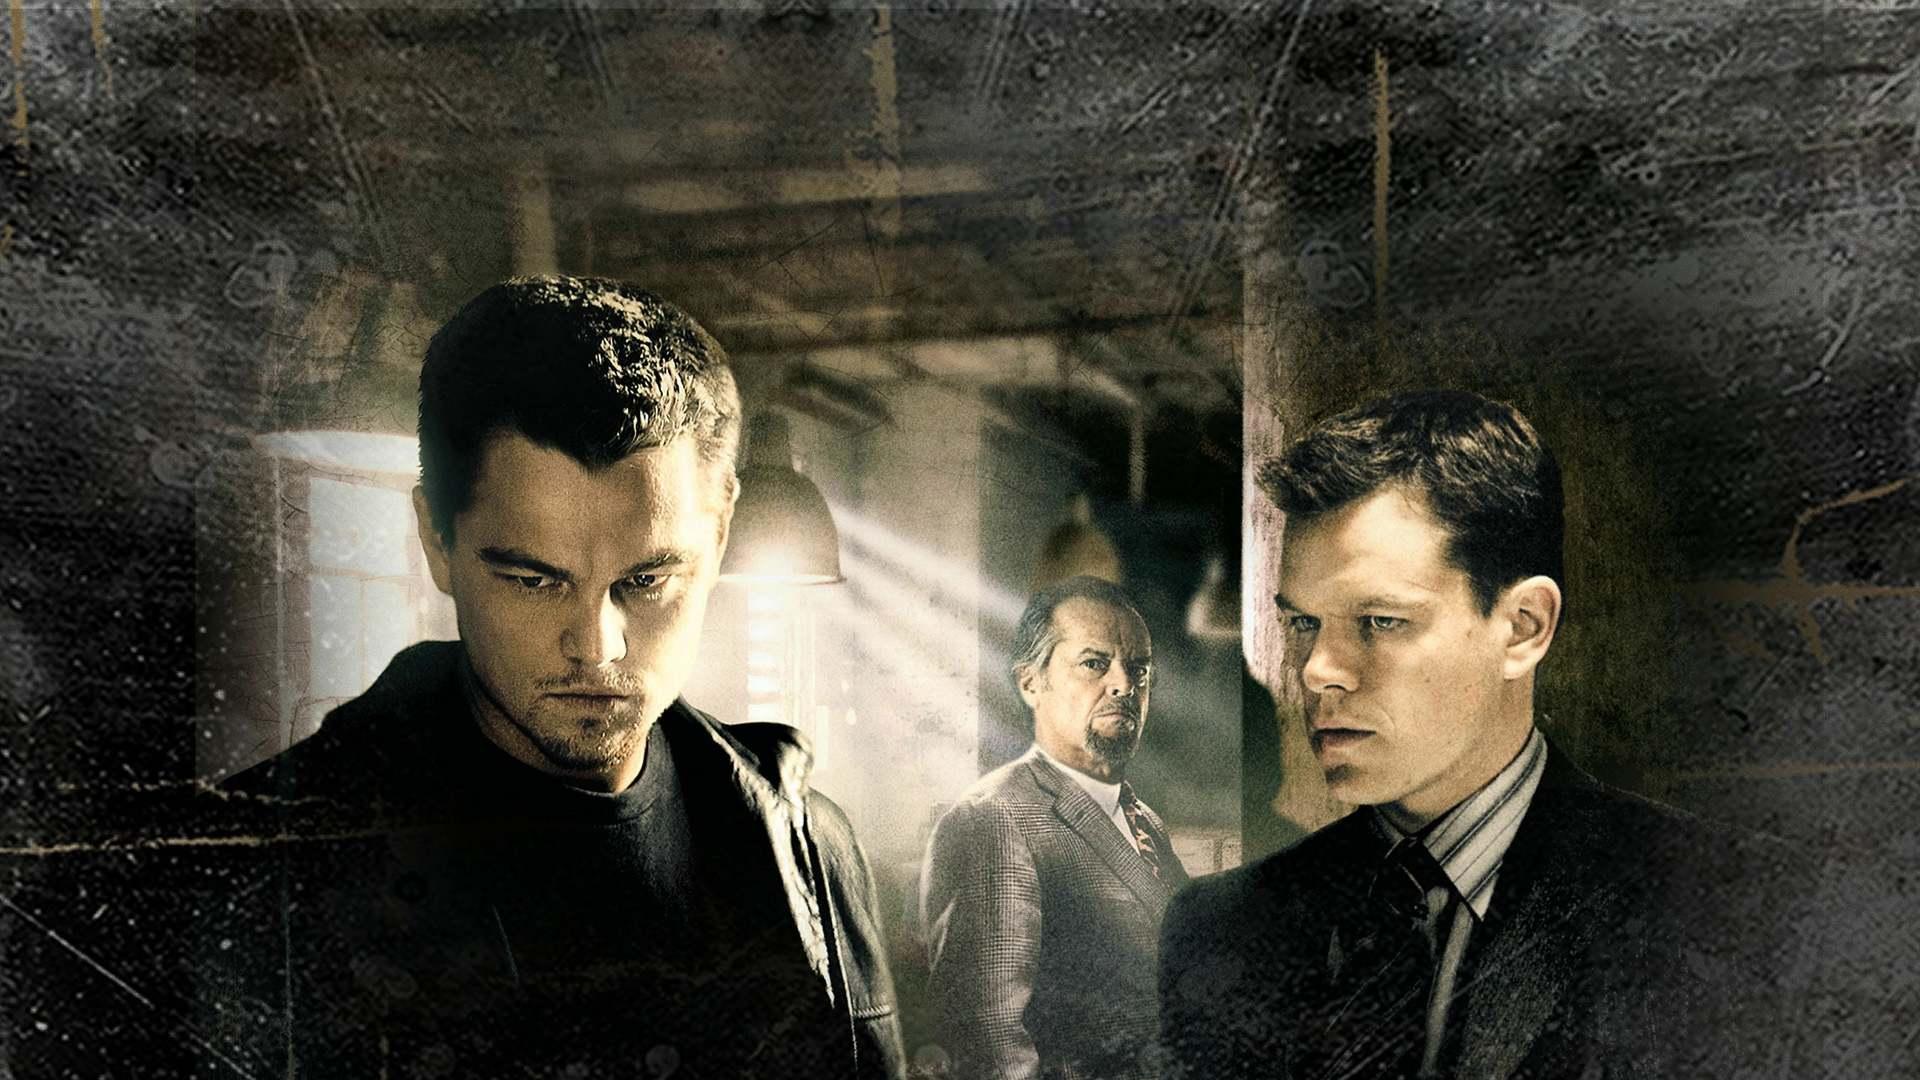 Кадры из фильма Отступники The Departed 2006